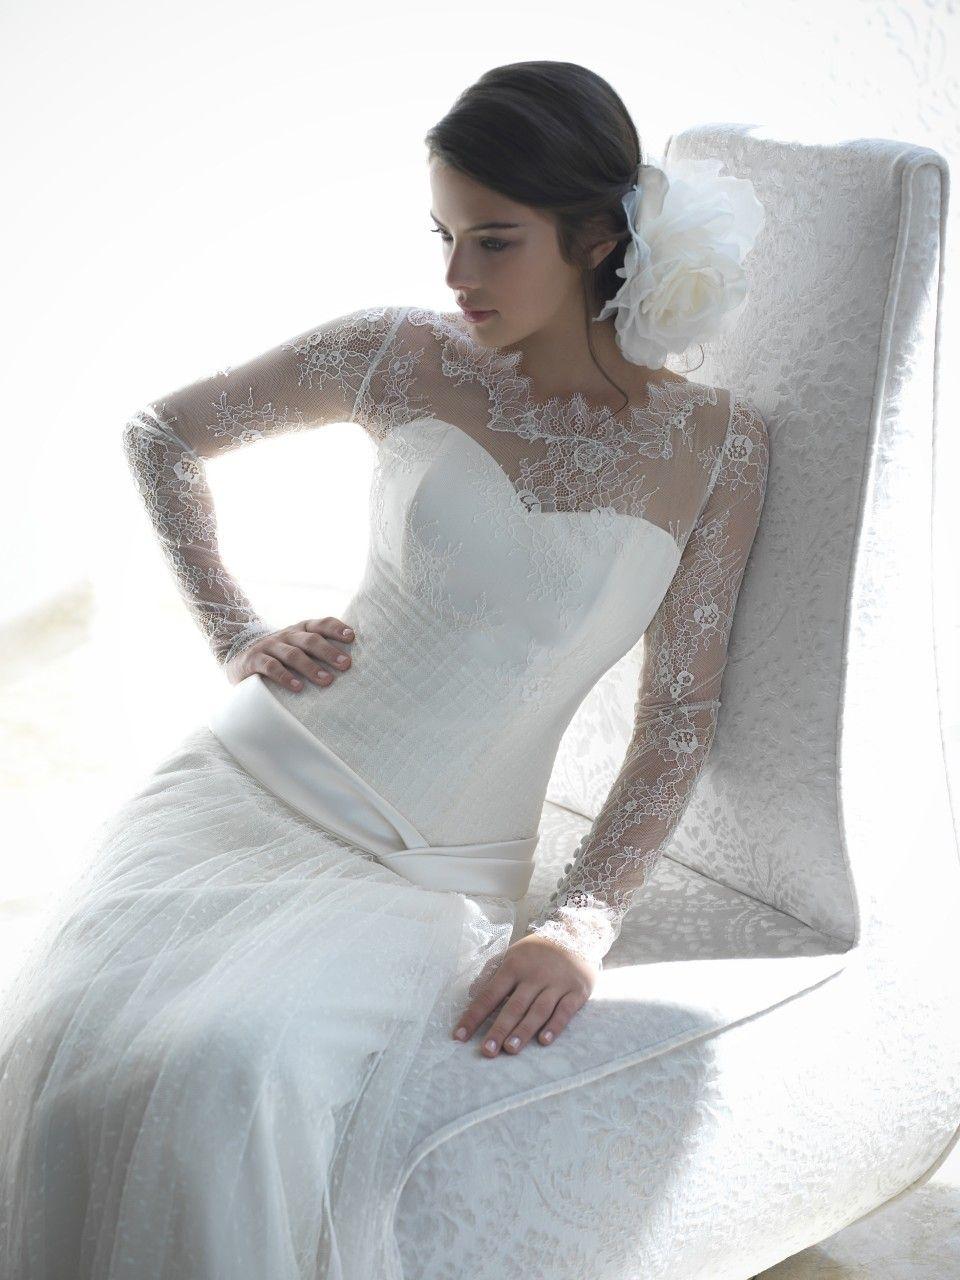 54d651868105  ateliersignore  signore  atelier  tuttosposi  wedding  matrimonio  nozze   bride  sposa  sposo  napoli  campania  caserta  beautiful  fashion